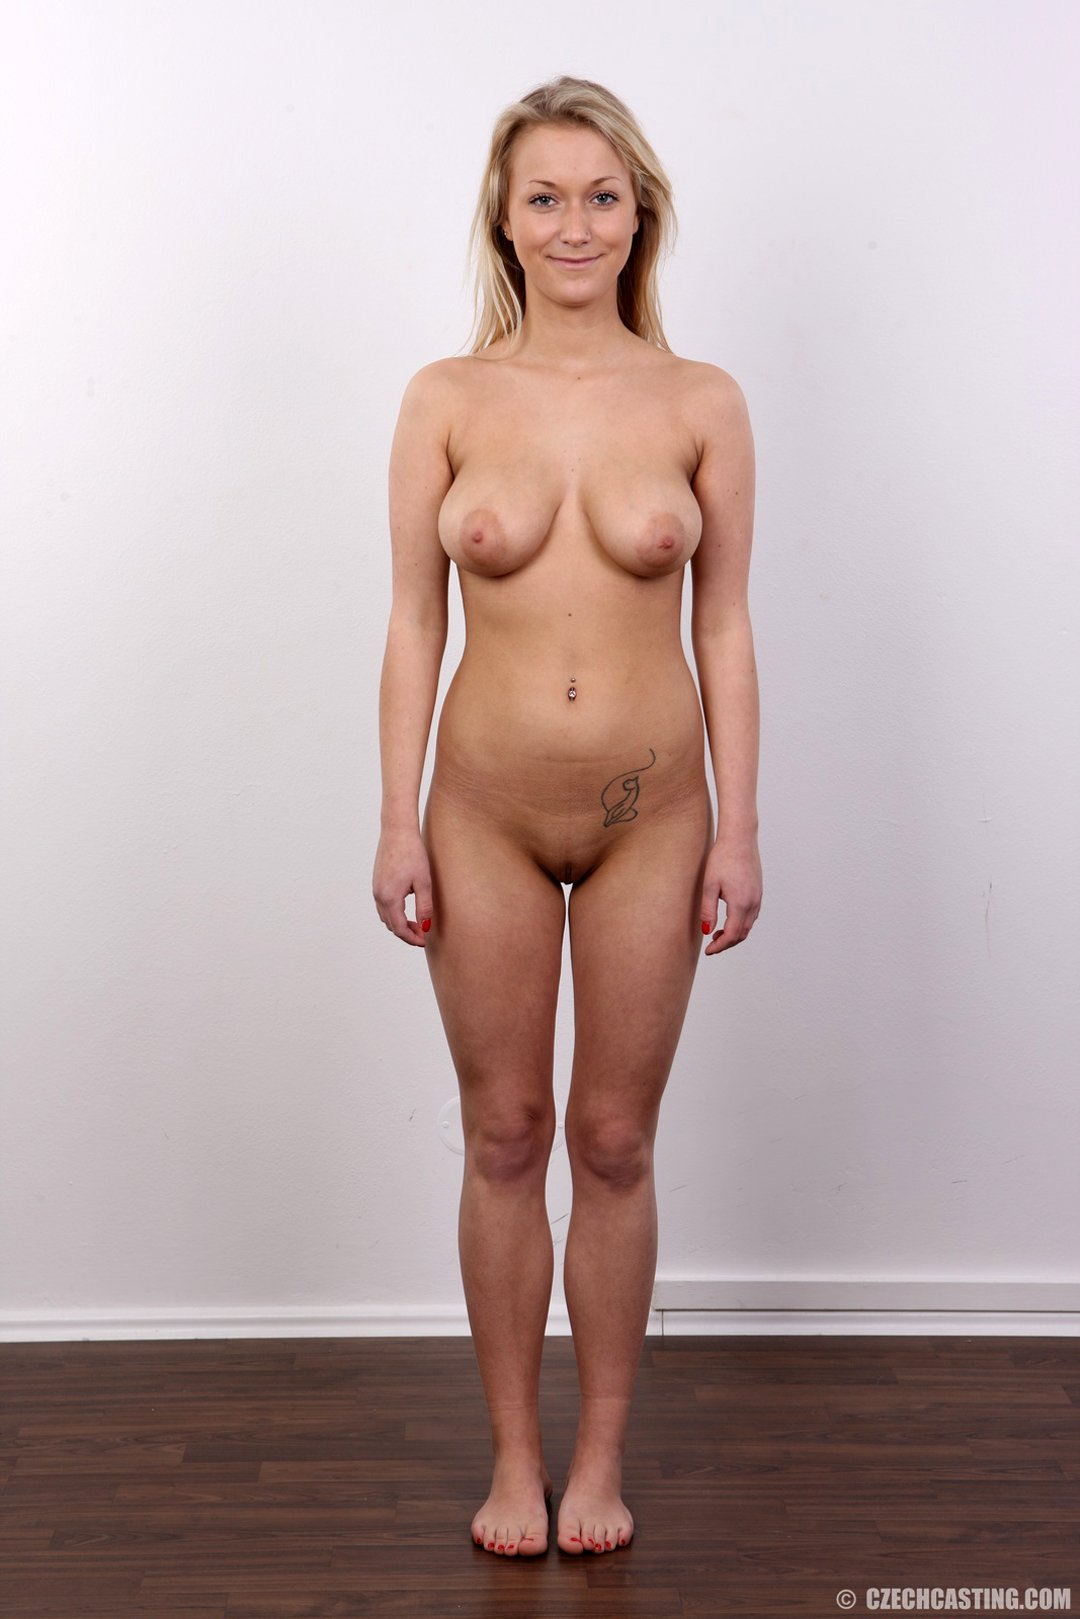 Задница онлайн молодая с большой грудью на кастинге она меня